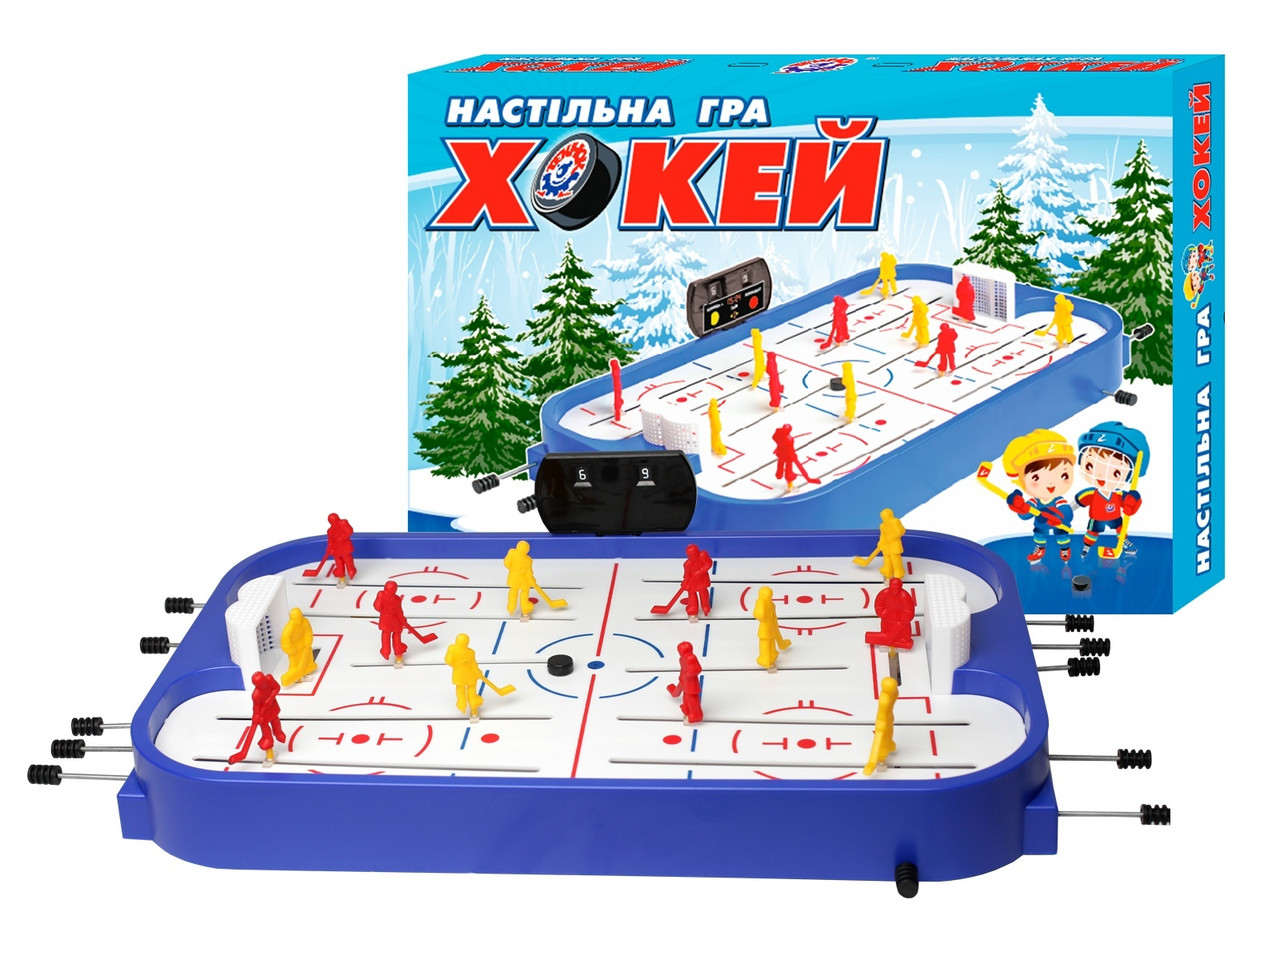 """Настільна гра """"Хокей ТехноК"""" арт. 0014"""